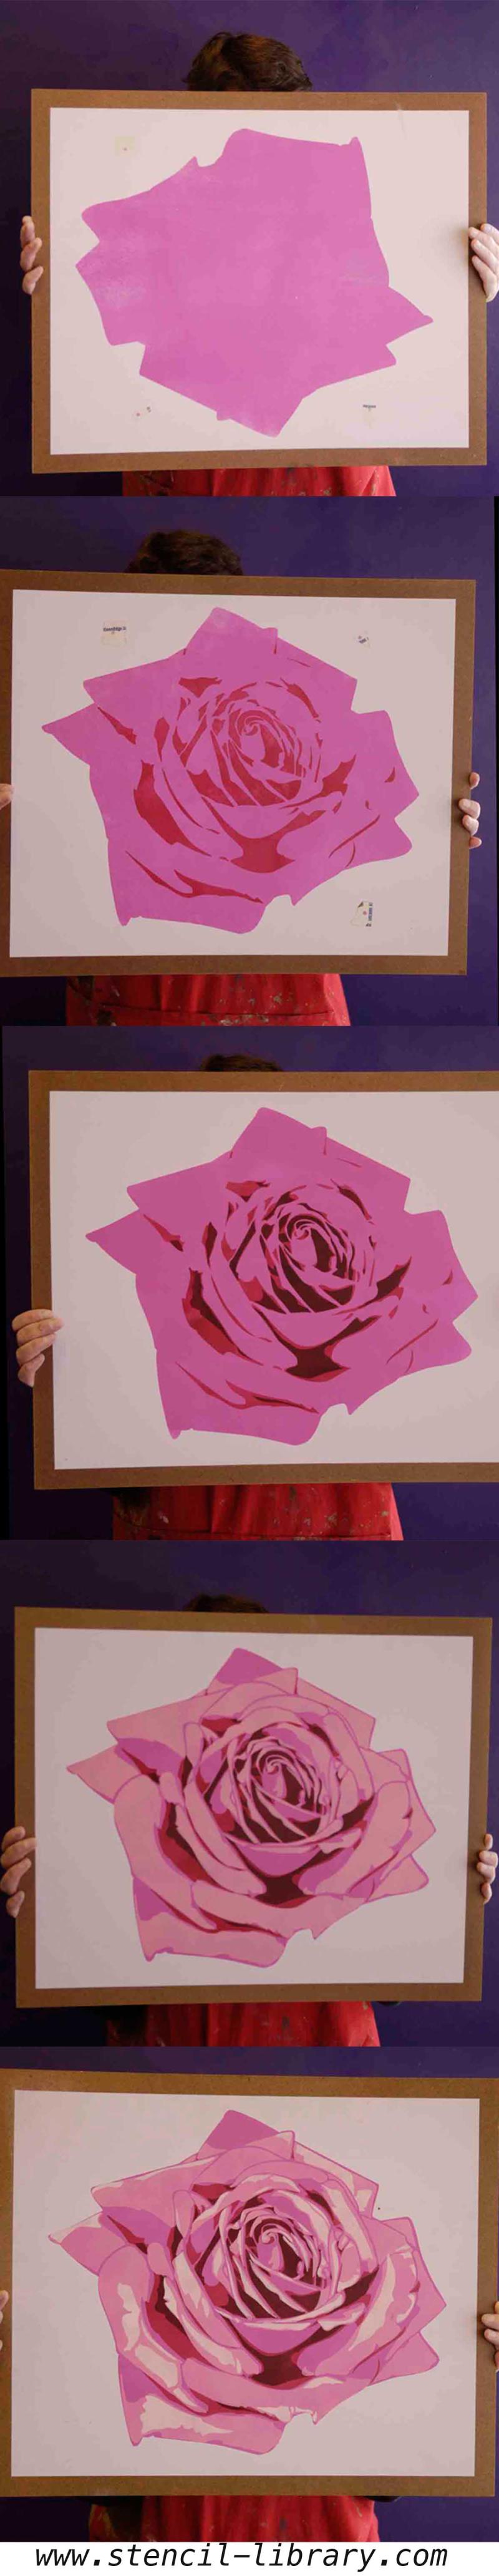 Stencil library rose stencil